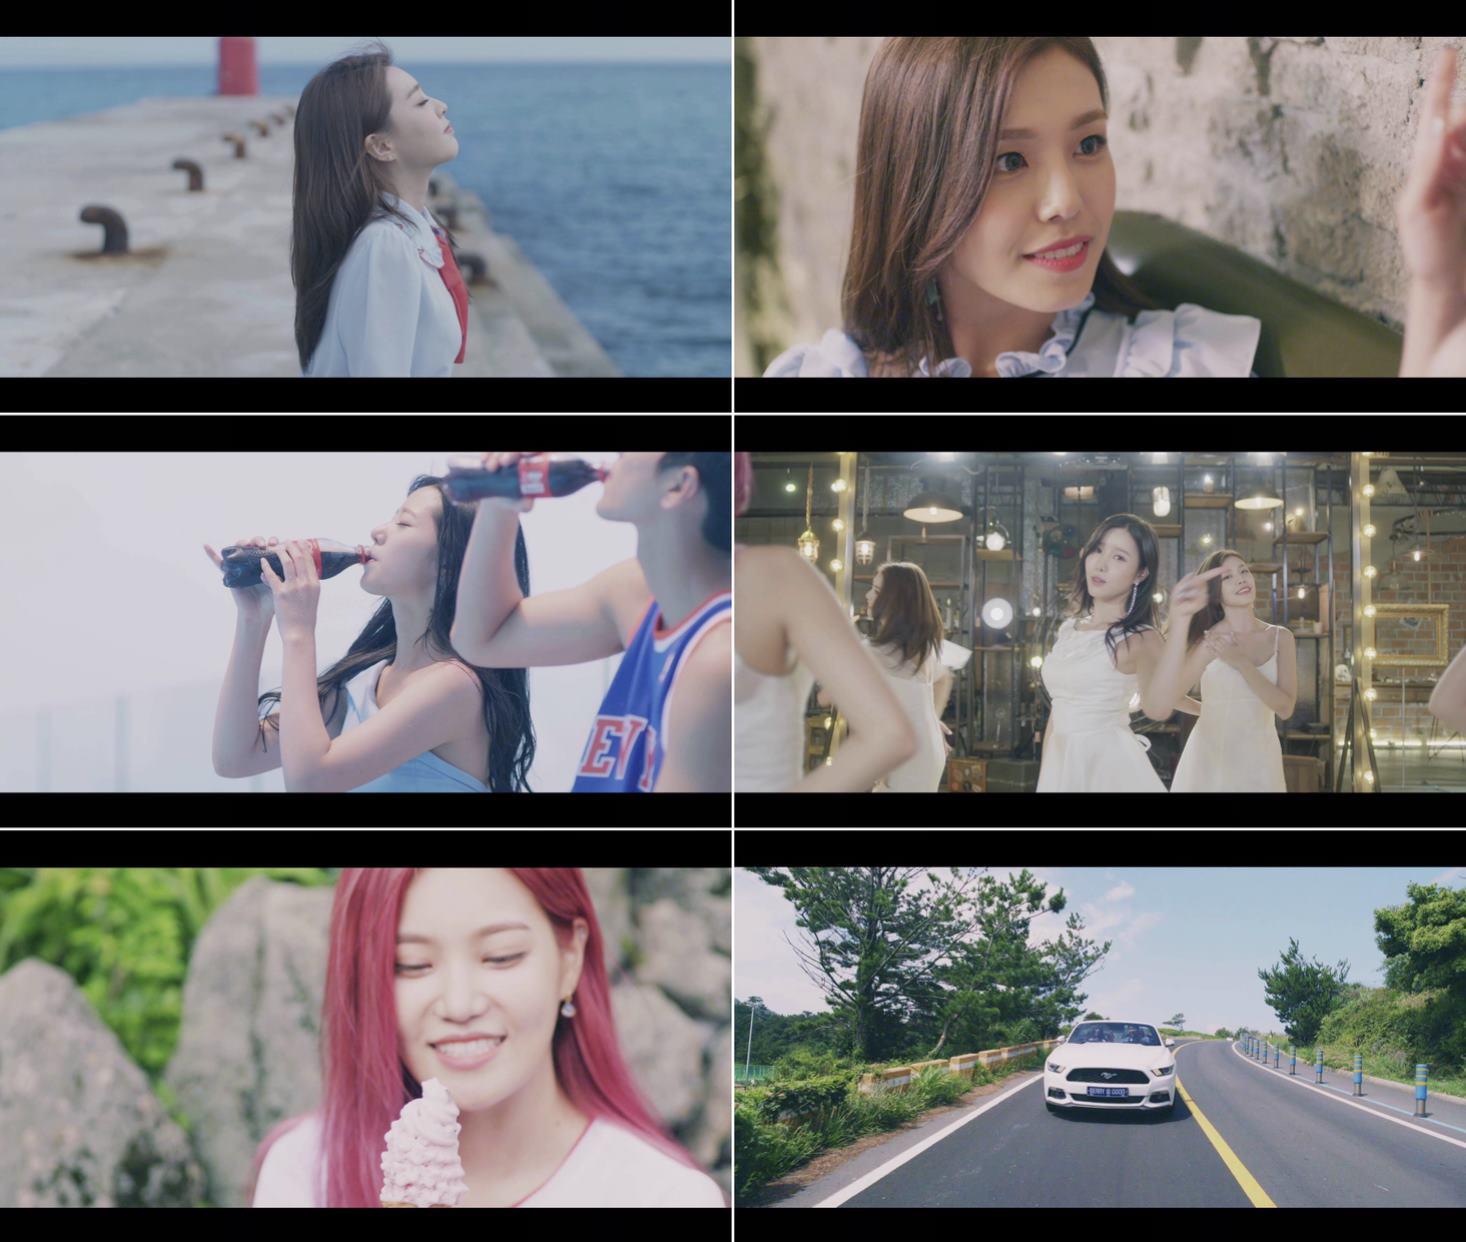 베리굿, 첫 정규앨범 수록곡 'Mellow Mellow' 티저서 청순 매력 발산